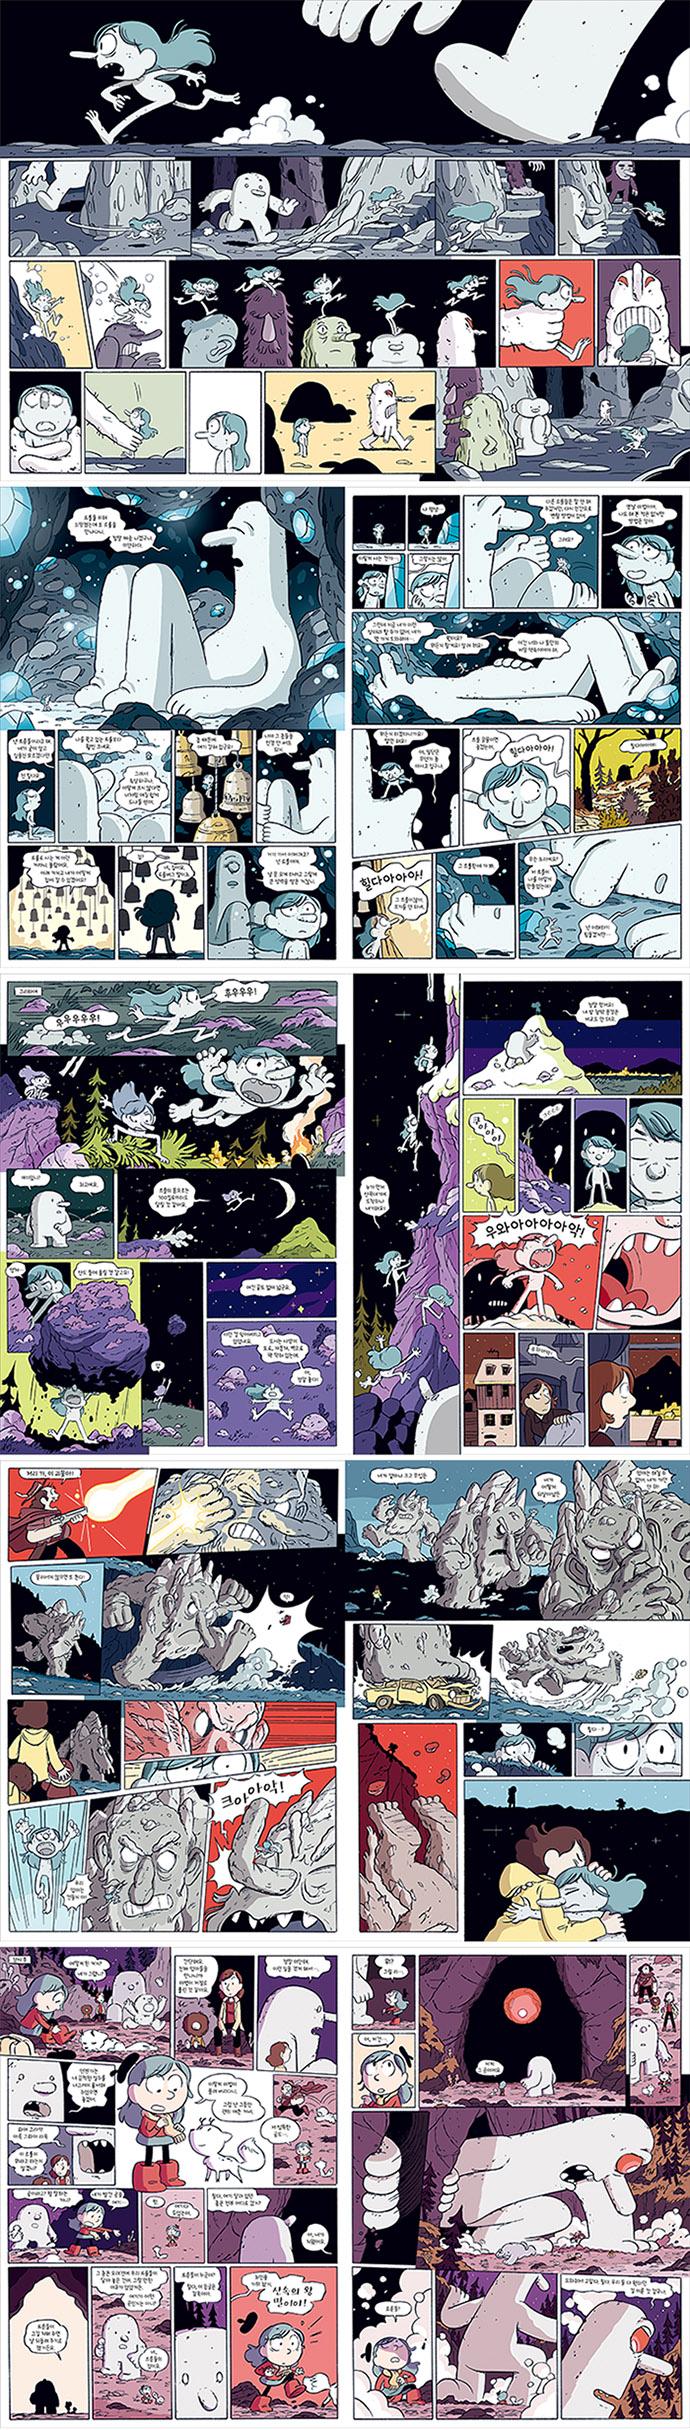 힐다, 산속의 왕과 마주치다(힐다의 모험 6)(양장본 HardCover) 도서 상세이미지